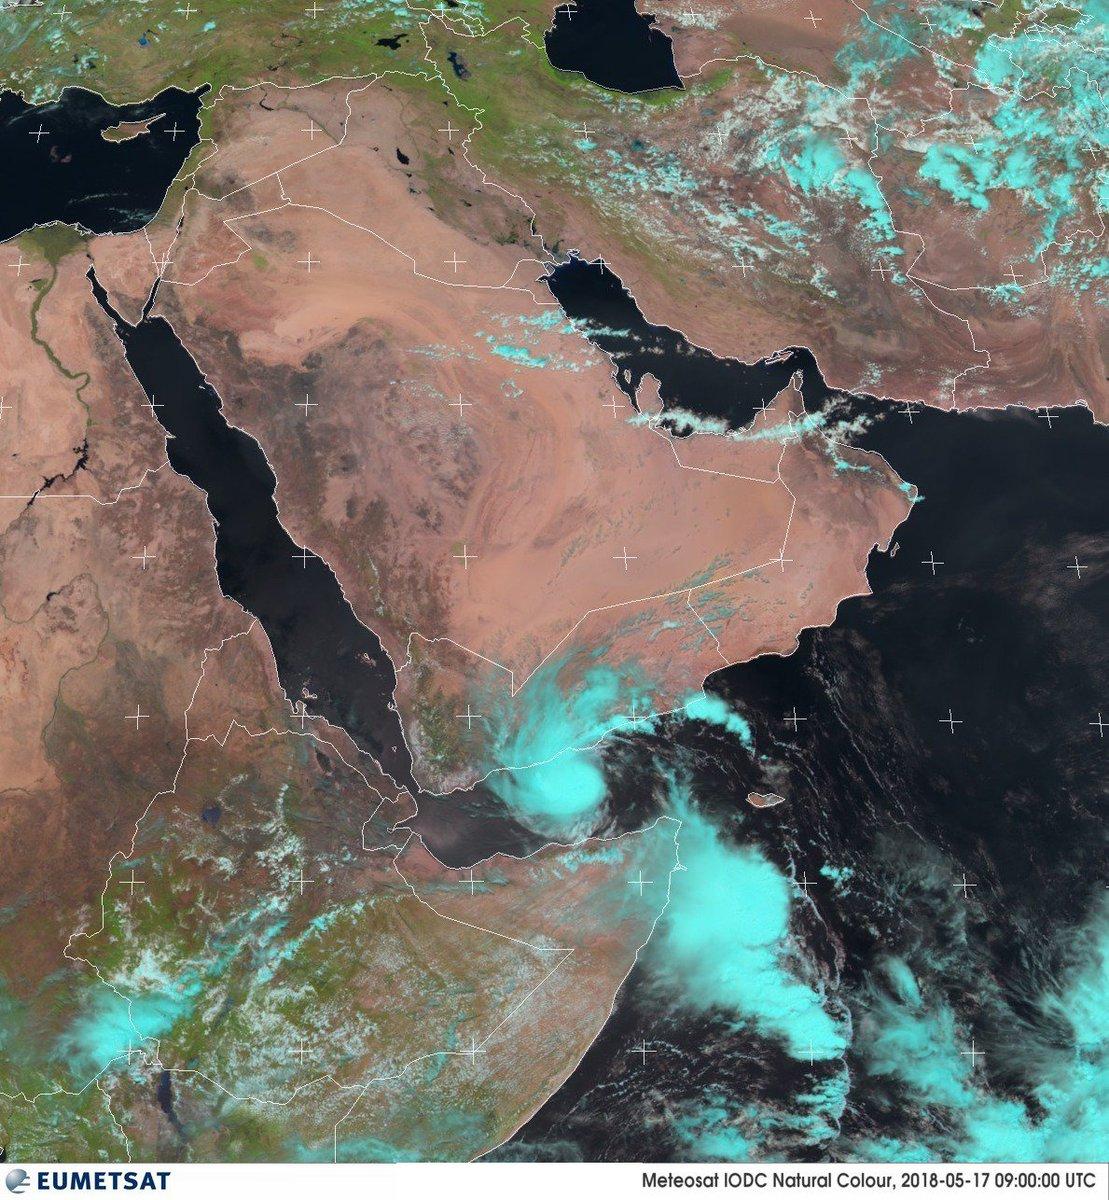 'સાગર' વાવાઝોડાની ગુજરાતને કોઈપણ પ્રકારની અસર થશે નહીં, વાવાઝોડું યમન તરફ ફંટાયુ